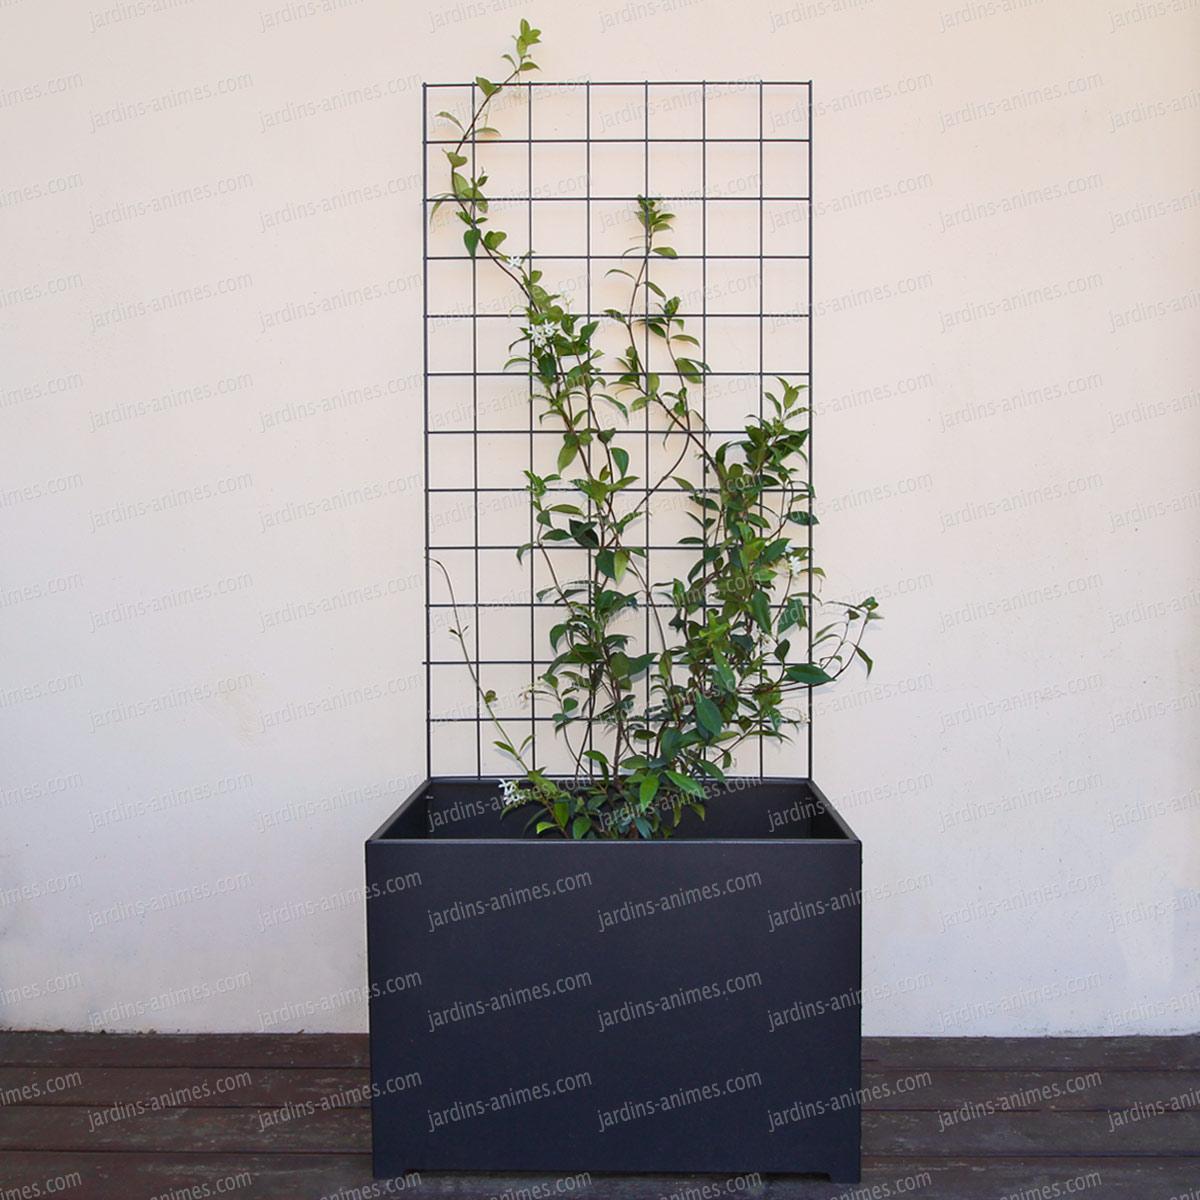 Jardinière Et Bac De Terrasse Bois: Bac Jardinière Et Treillis En Acier L. 70cm